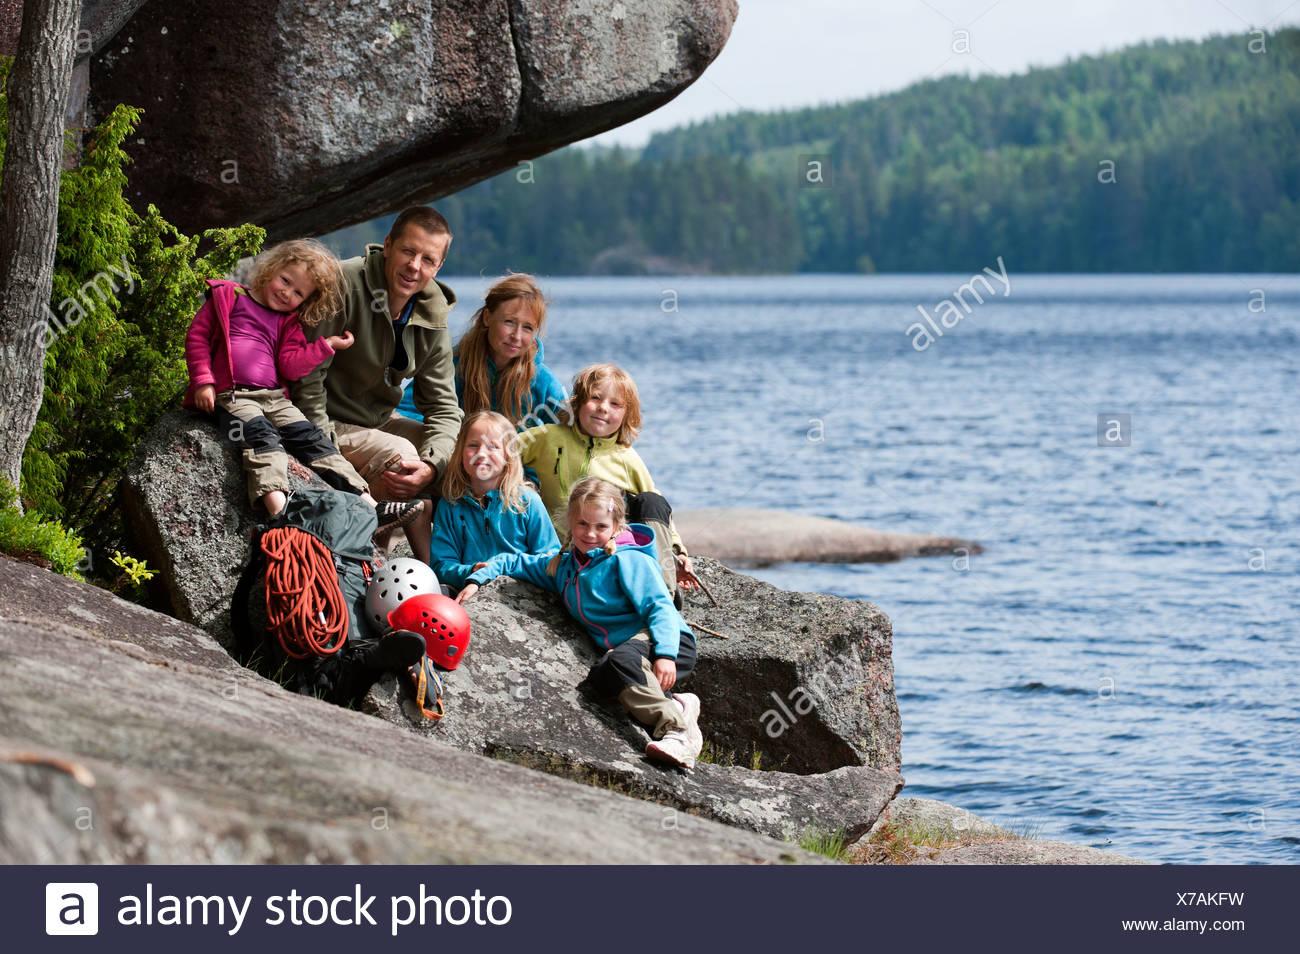 Kletterausrüstung Kinder : Familie mit vier kindern sitzen in der nähe des felsens ihre